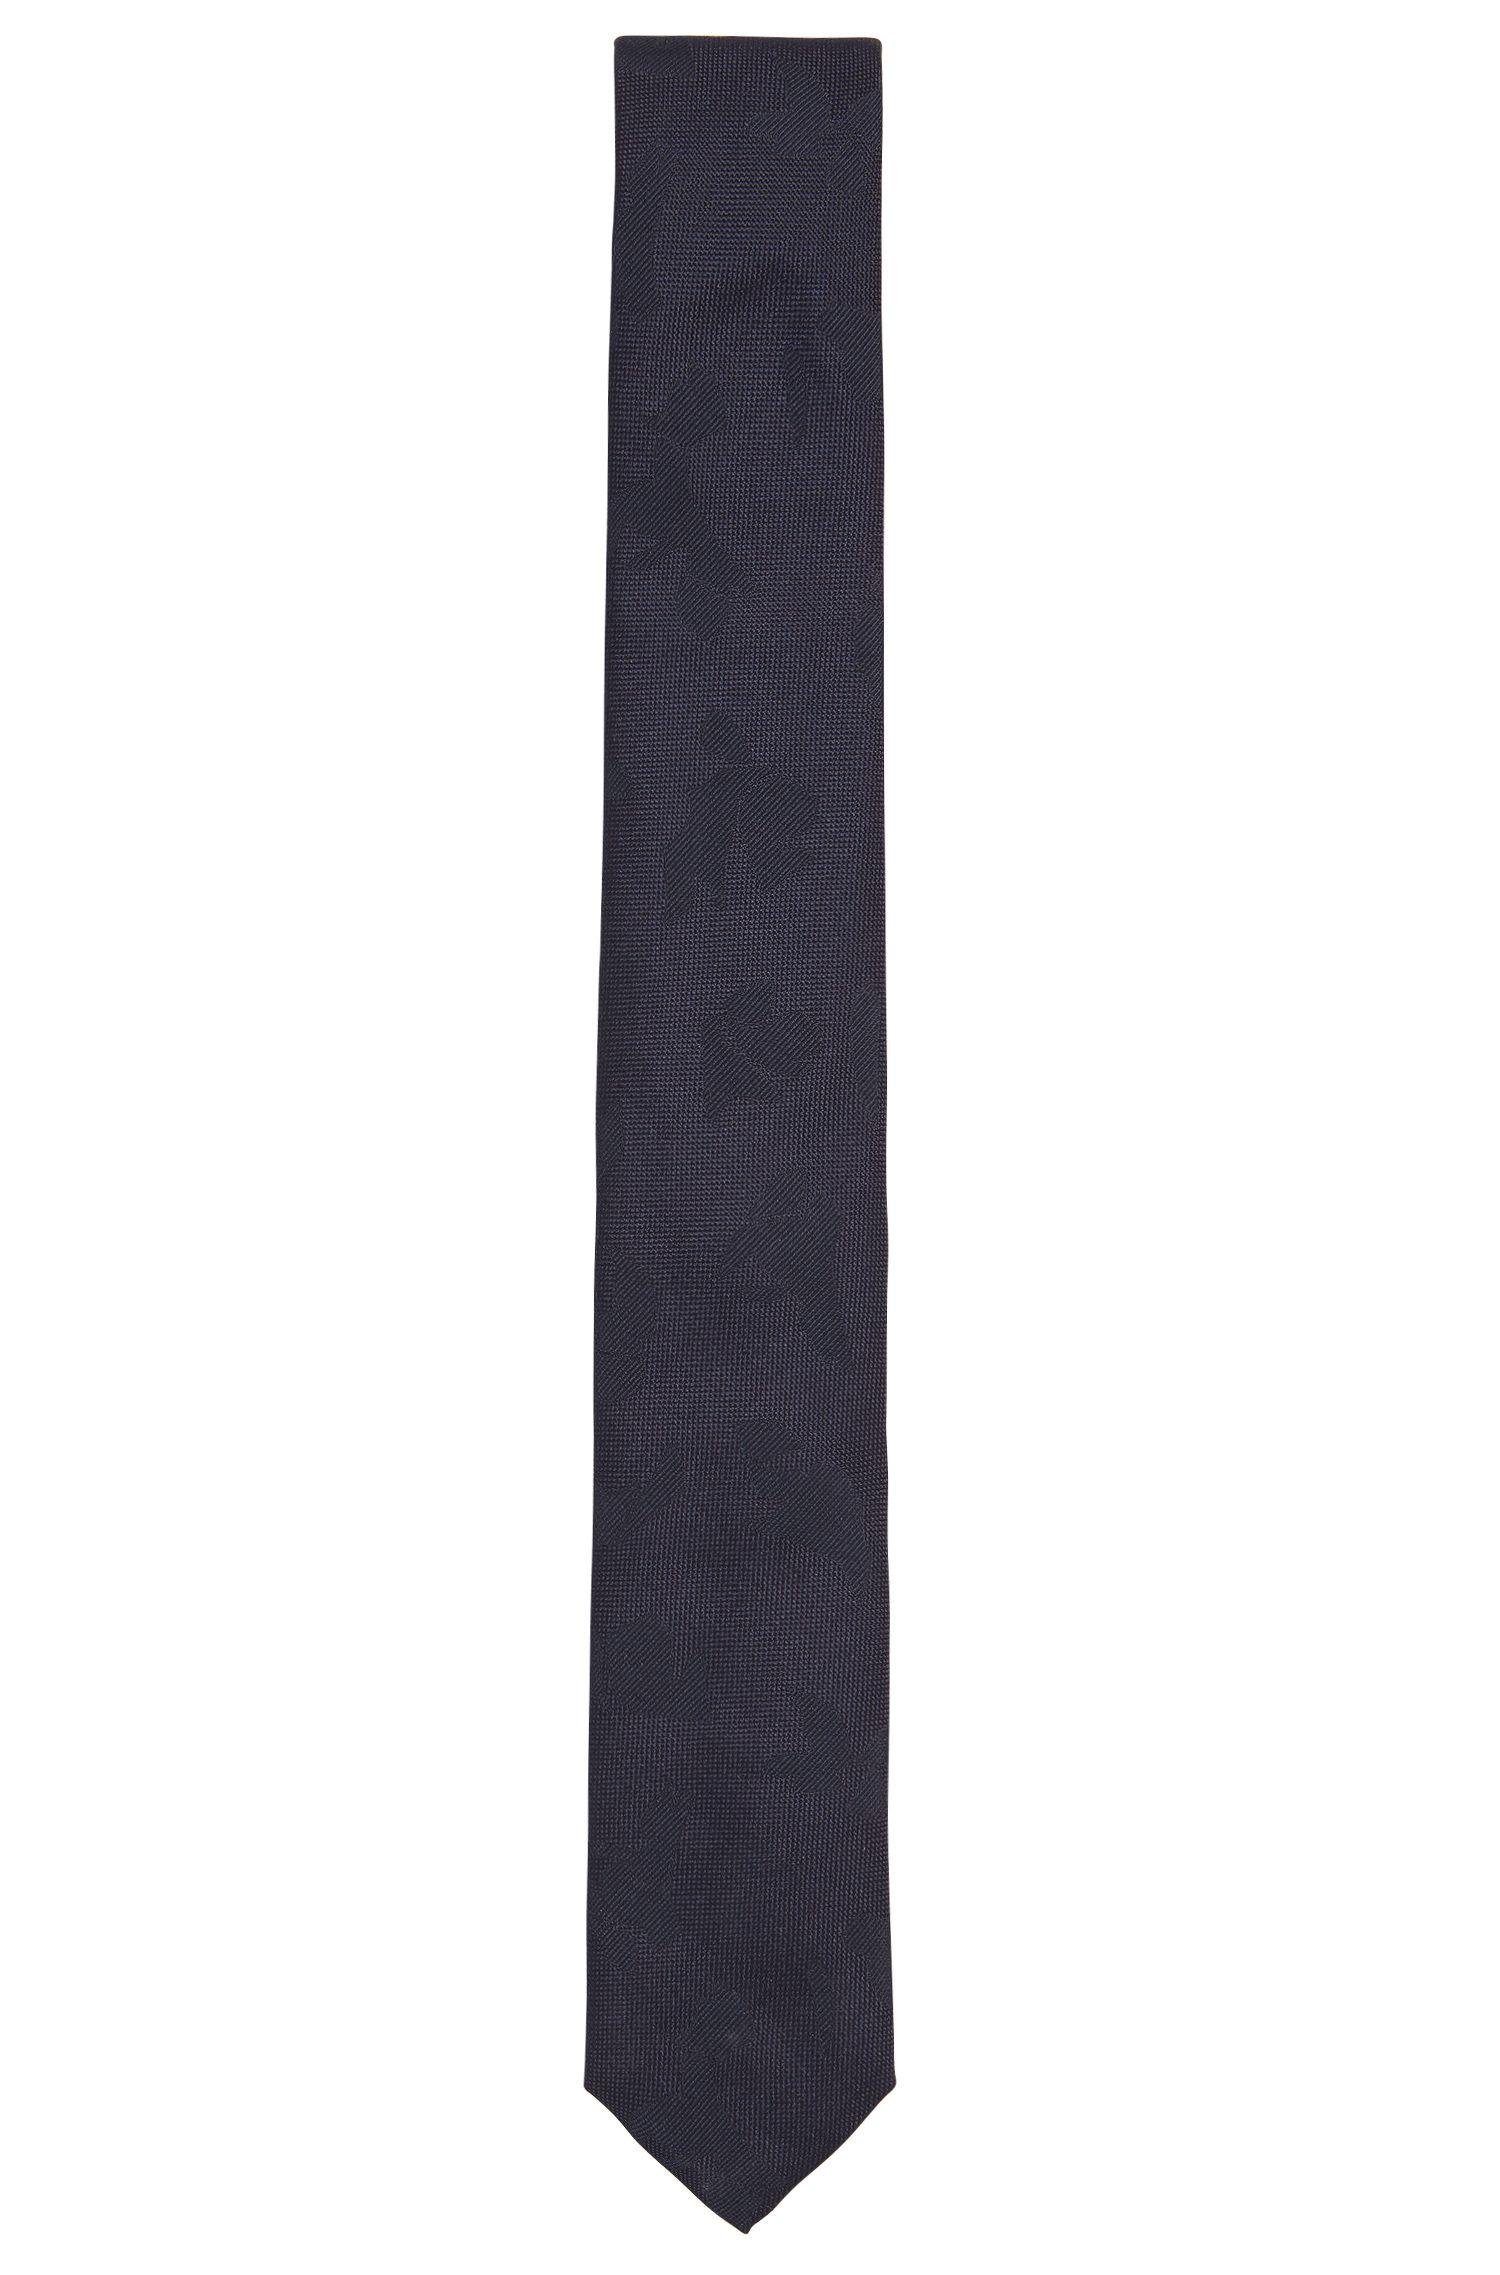 Cravate en soie avec motif coloré abstrait